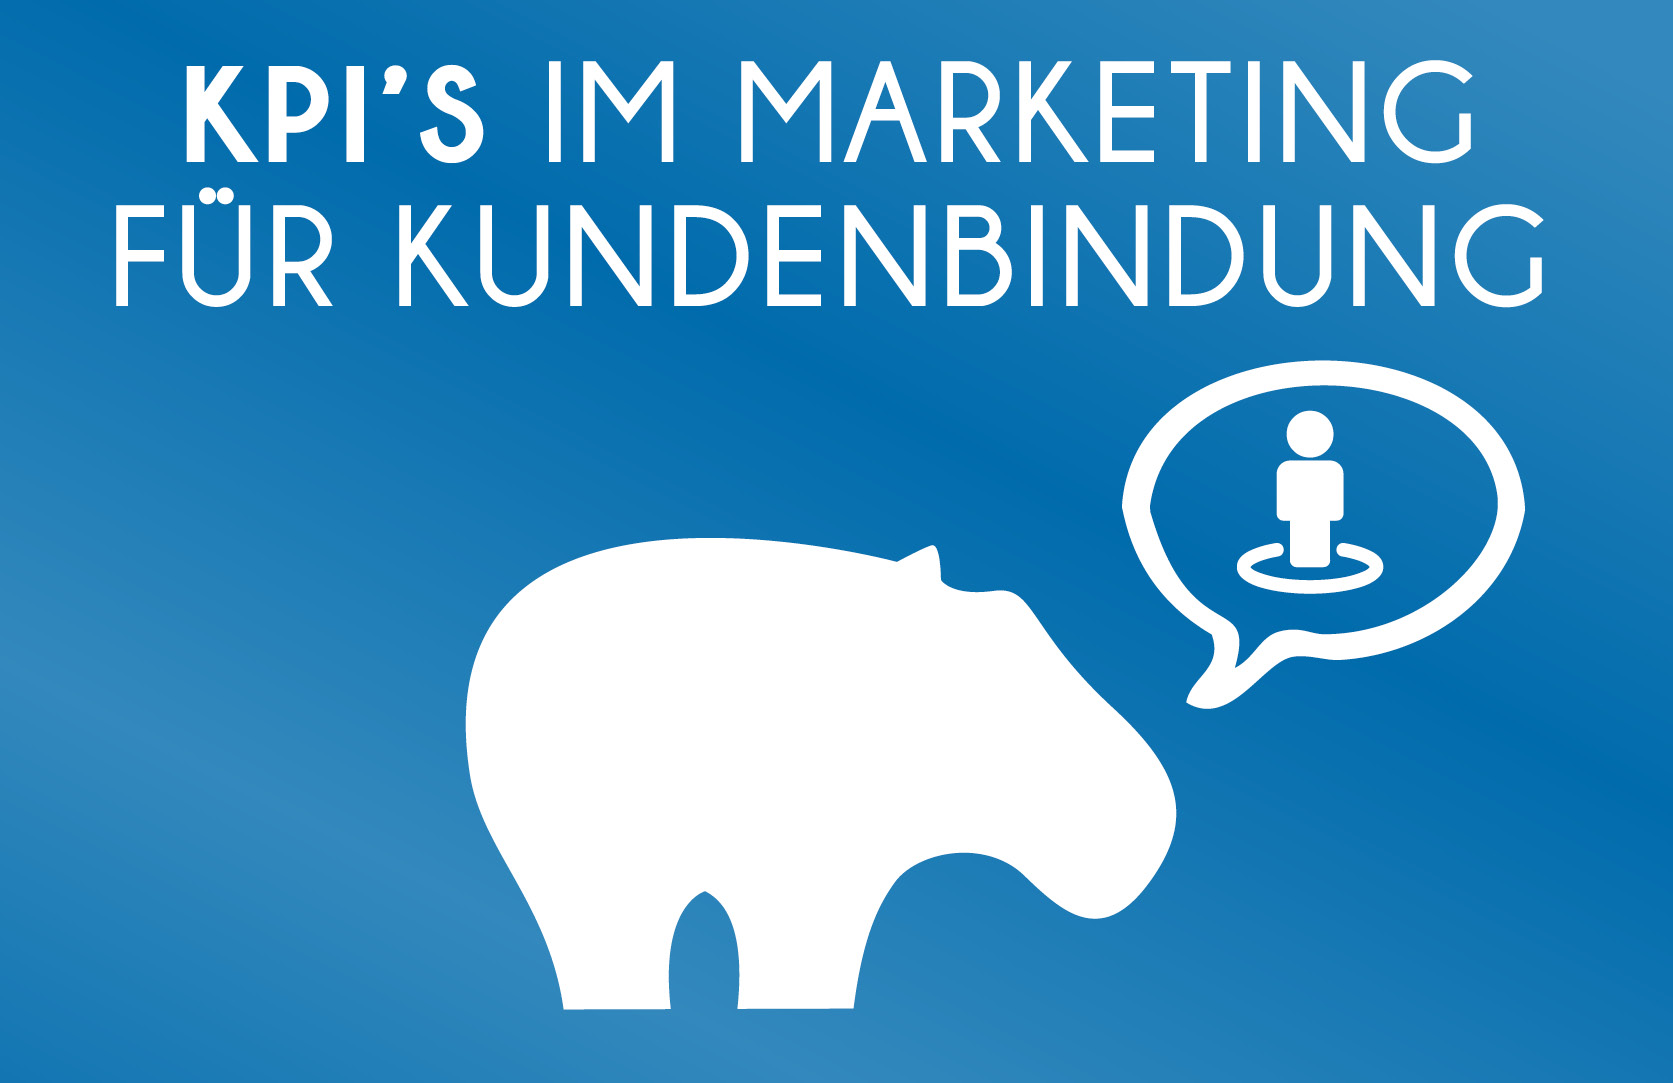 Kundenbindung - KPI´s im Marketing die Du kennen solltest